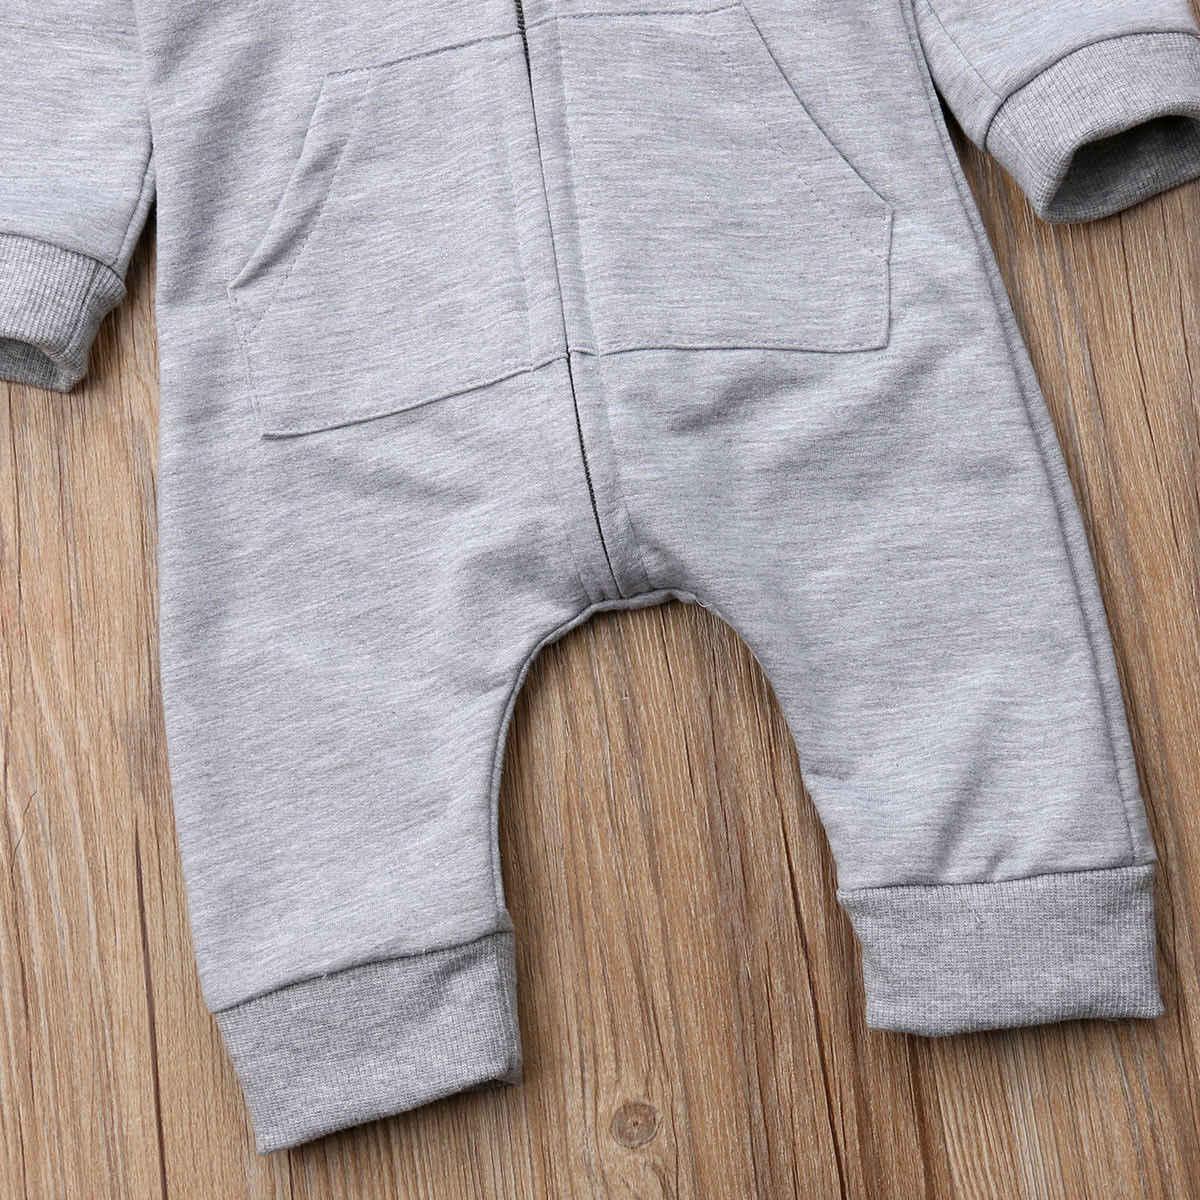 de6f2e779e50 Detail Feedback Questions about Newborn Baby Boys Girls Shark Hooded ...